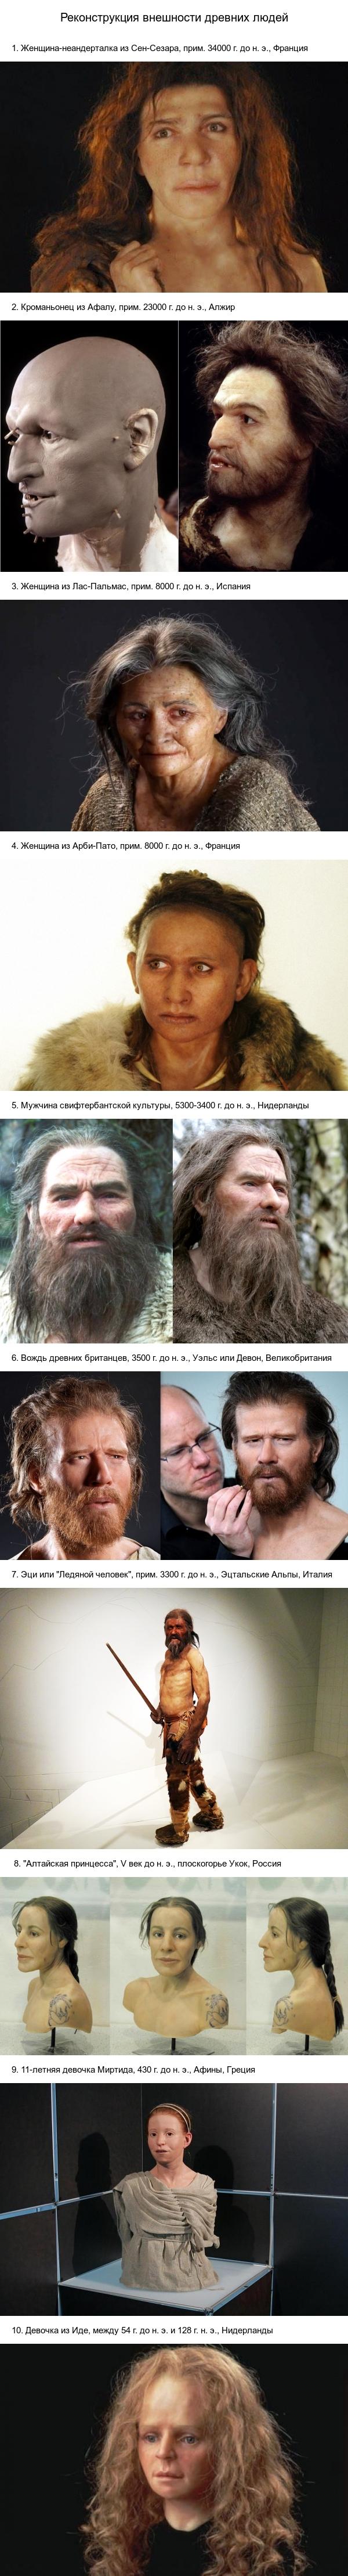 Реконструкция внешности древних людей антропология, история, реконструкция, древние люди, длиннопост